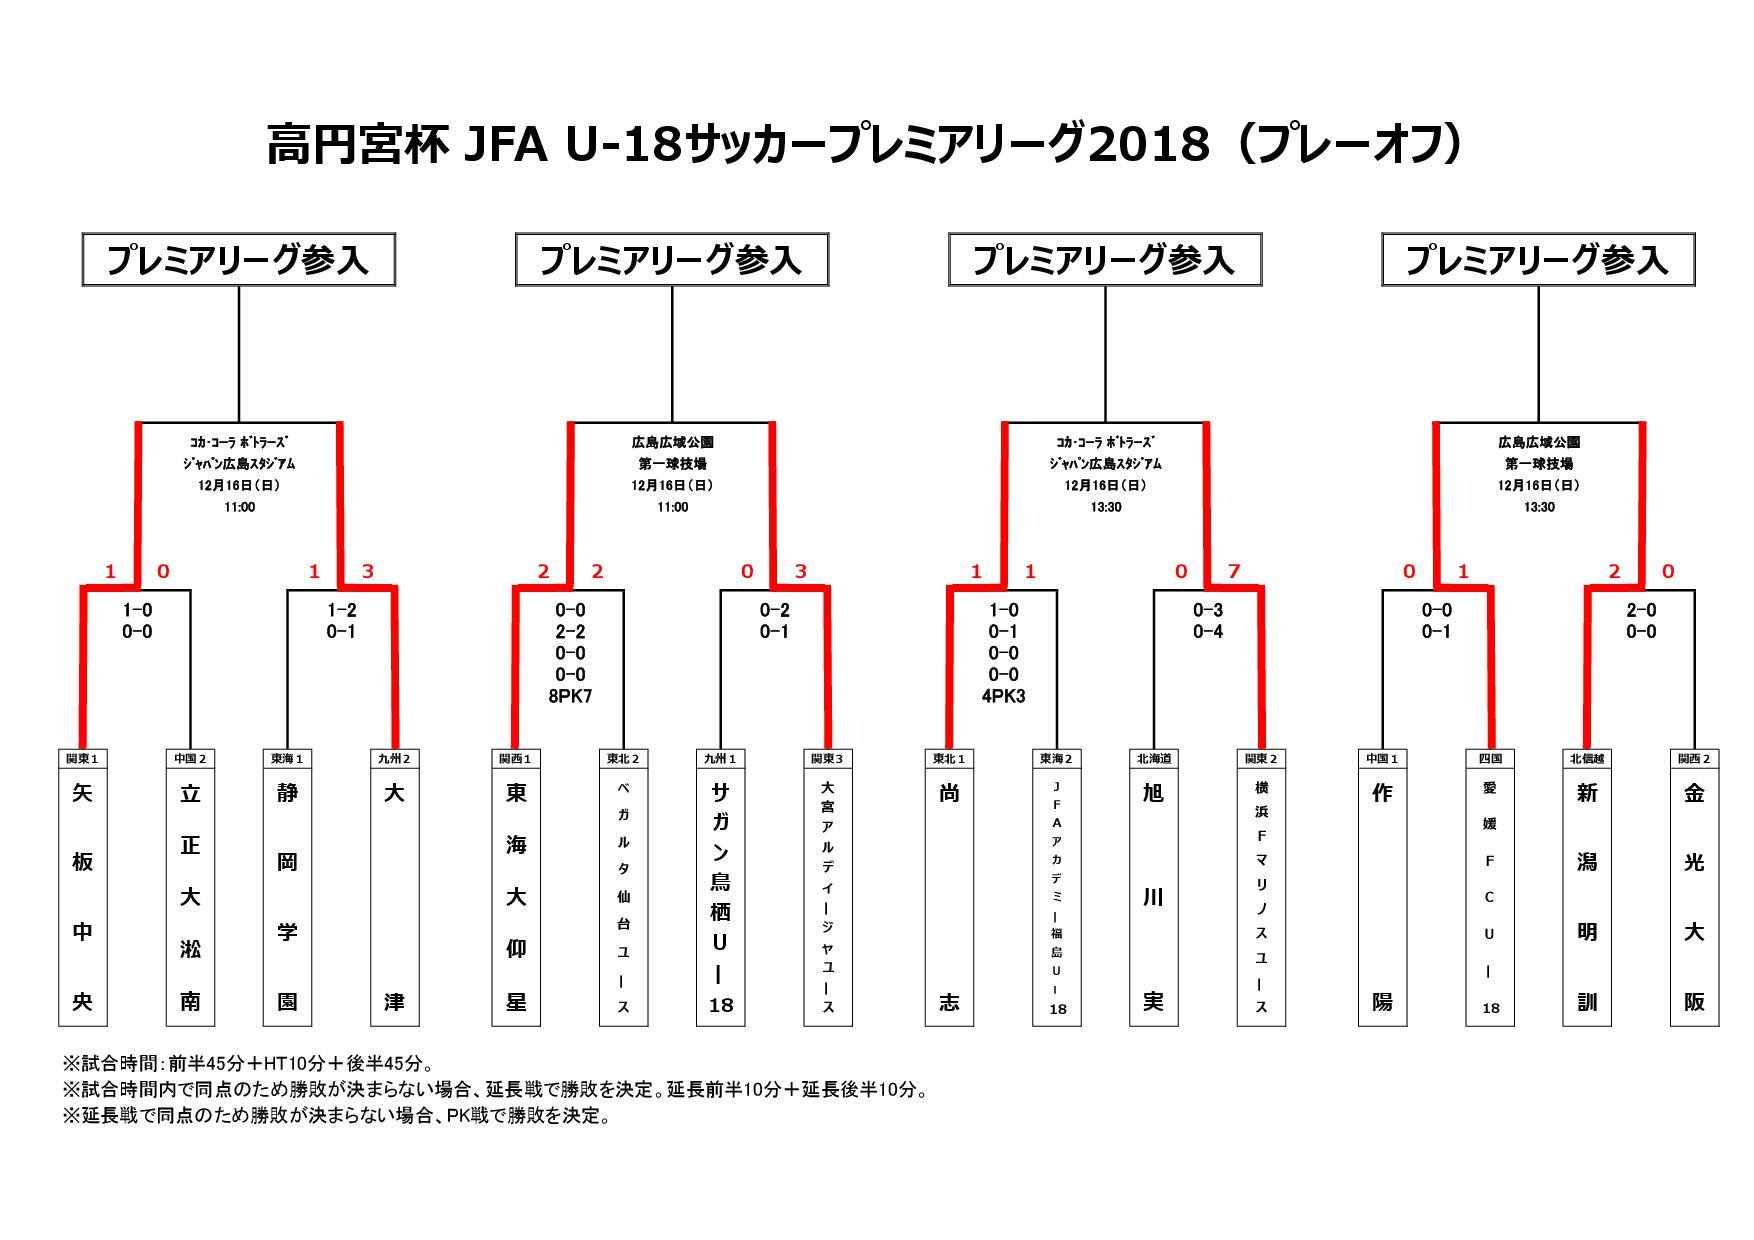 高円宮杯 JFA U-18サッカープレミアリーグ2018(プレーオフ)